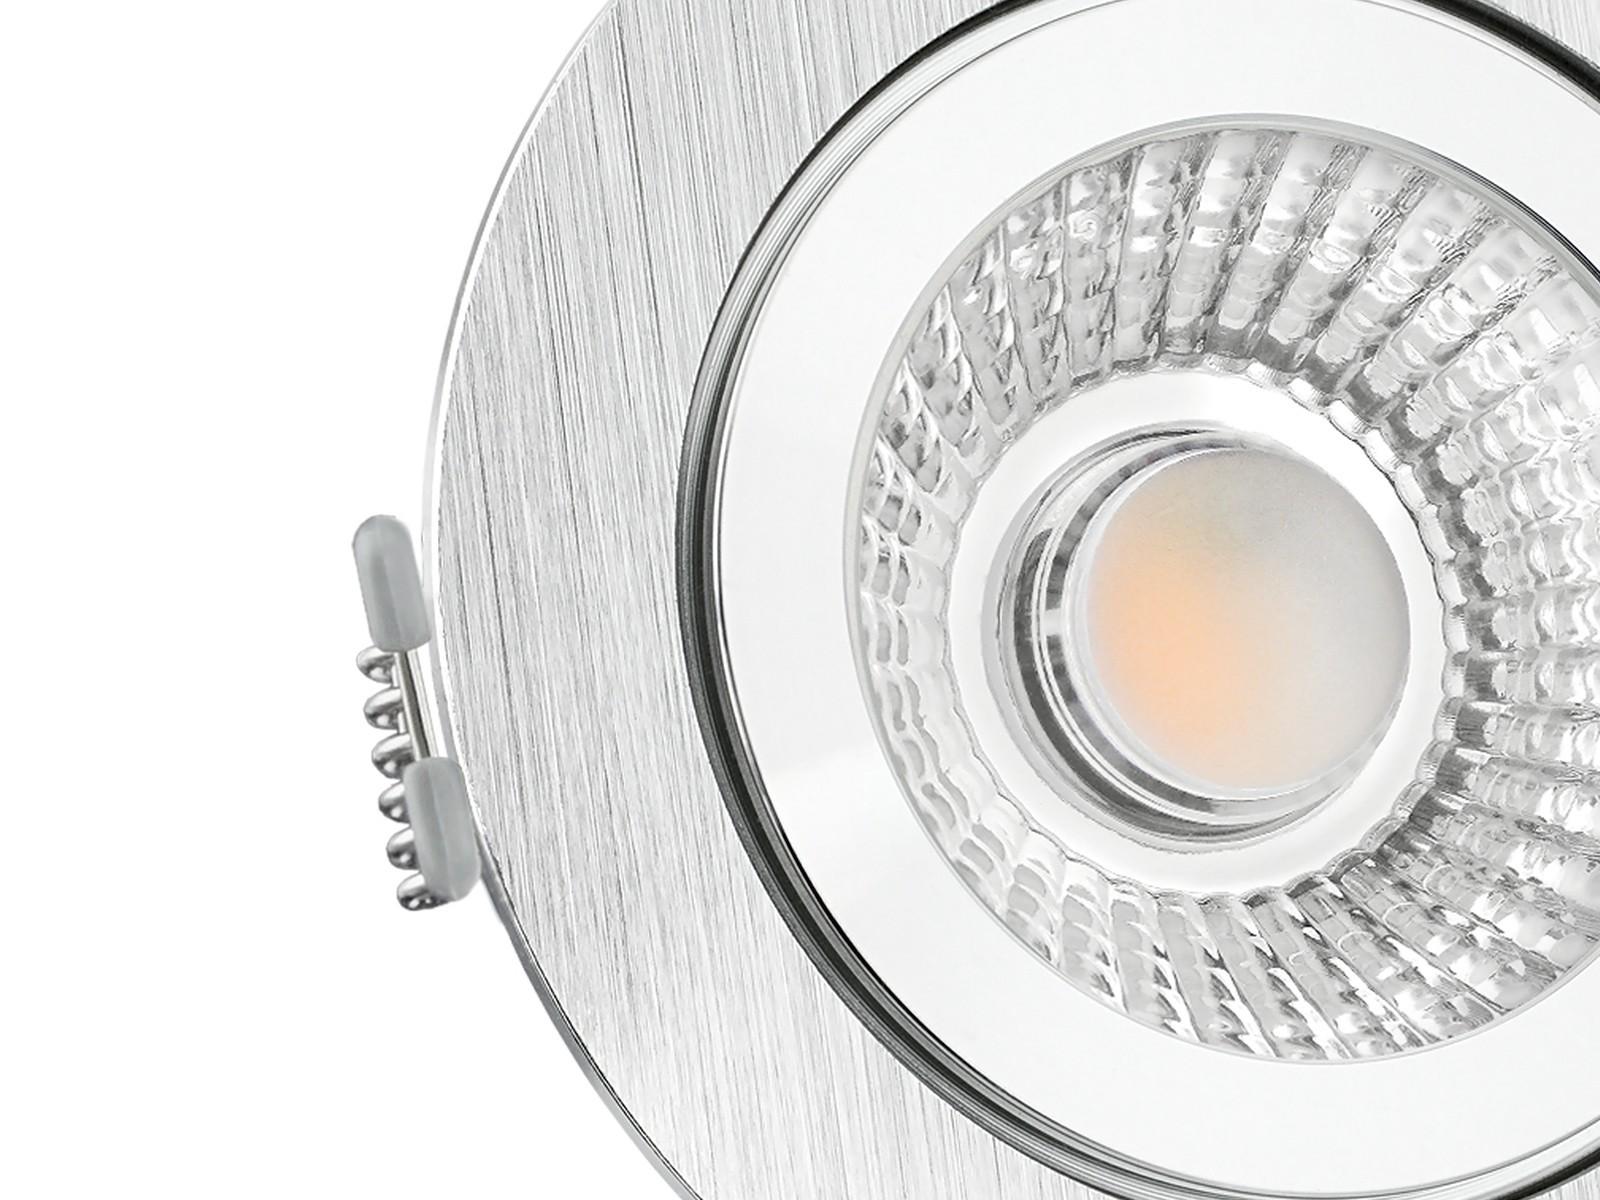 LED-Einbaustrahler-IP44-flach-Detail Erstaunlich Led Einbaustrahler 230v Flach Dekorationen